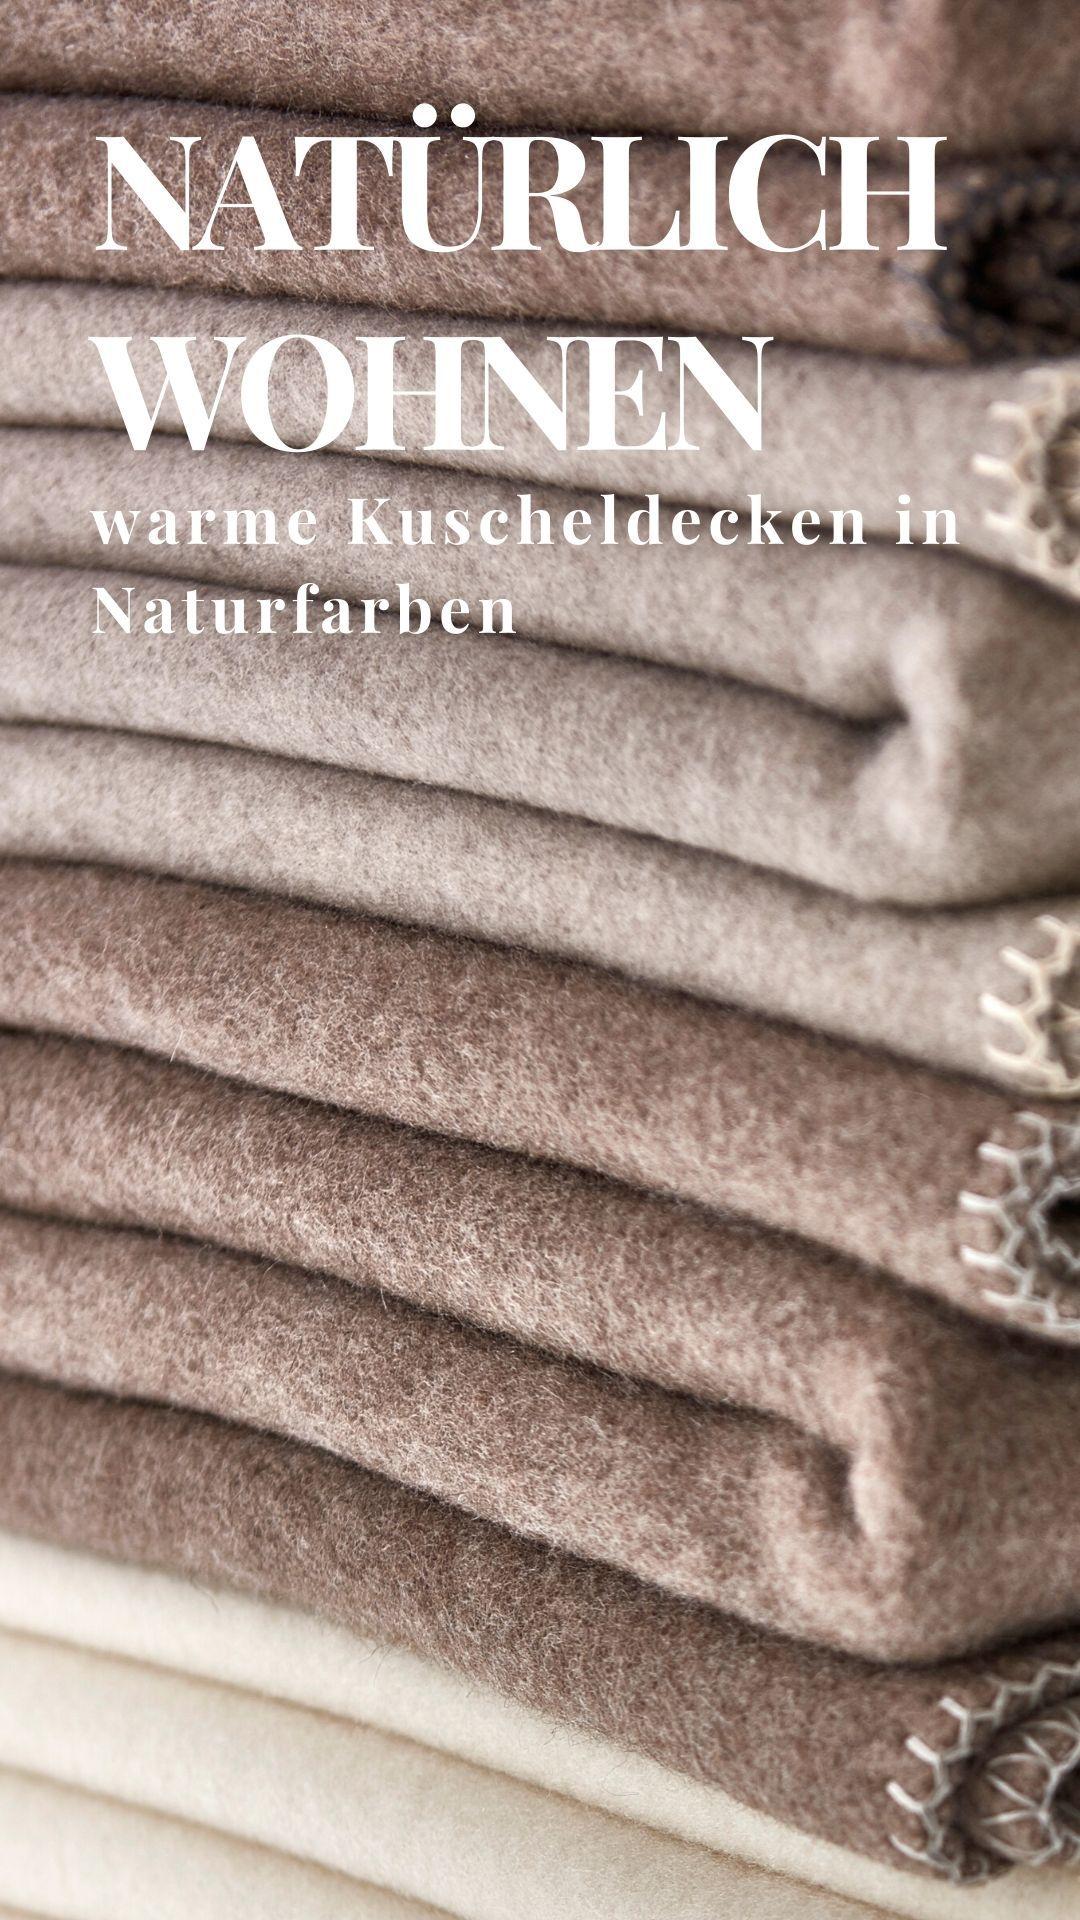 Kuscheldecke Natur In 2020 Kuscheldecke Naturfarben Und Wolldecke